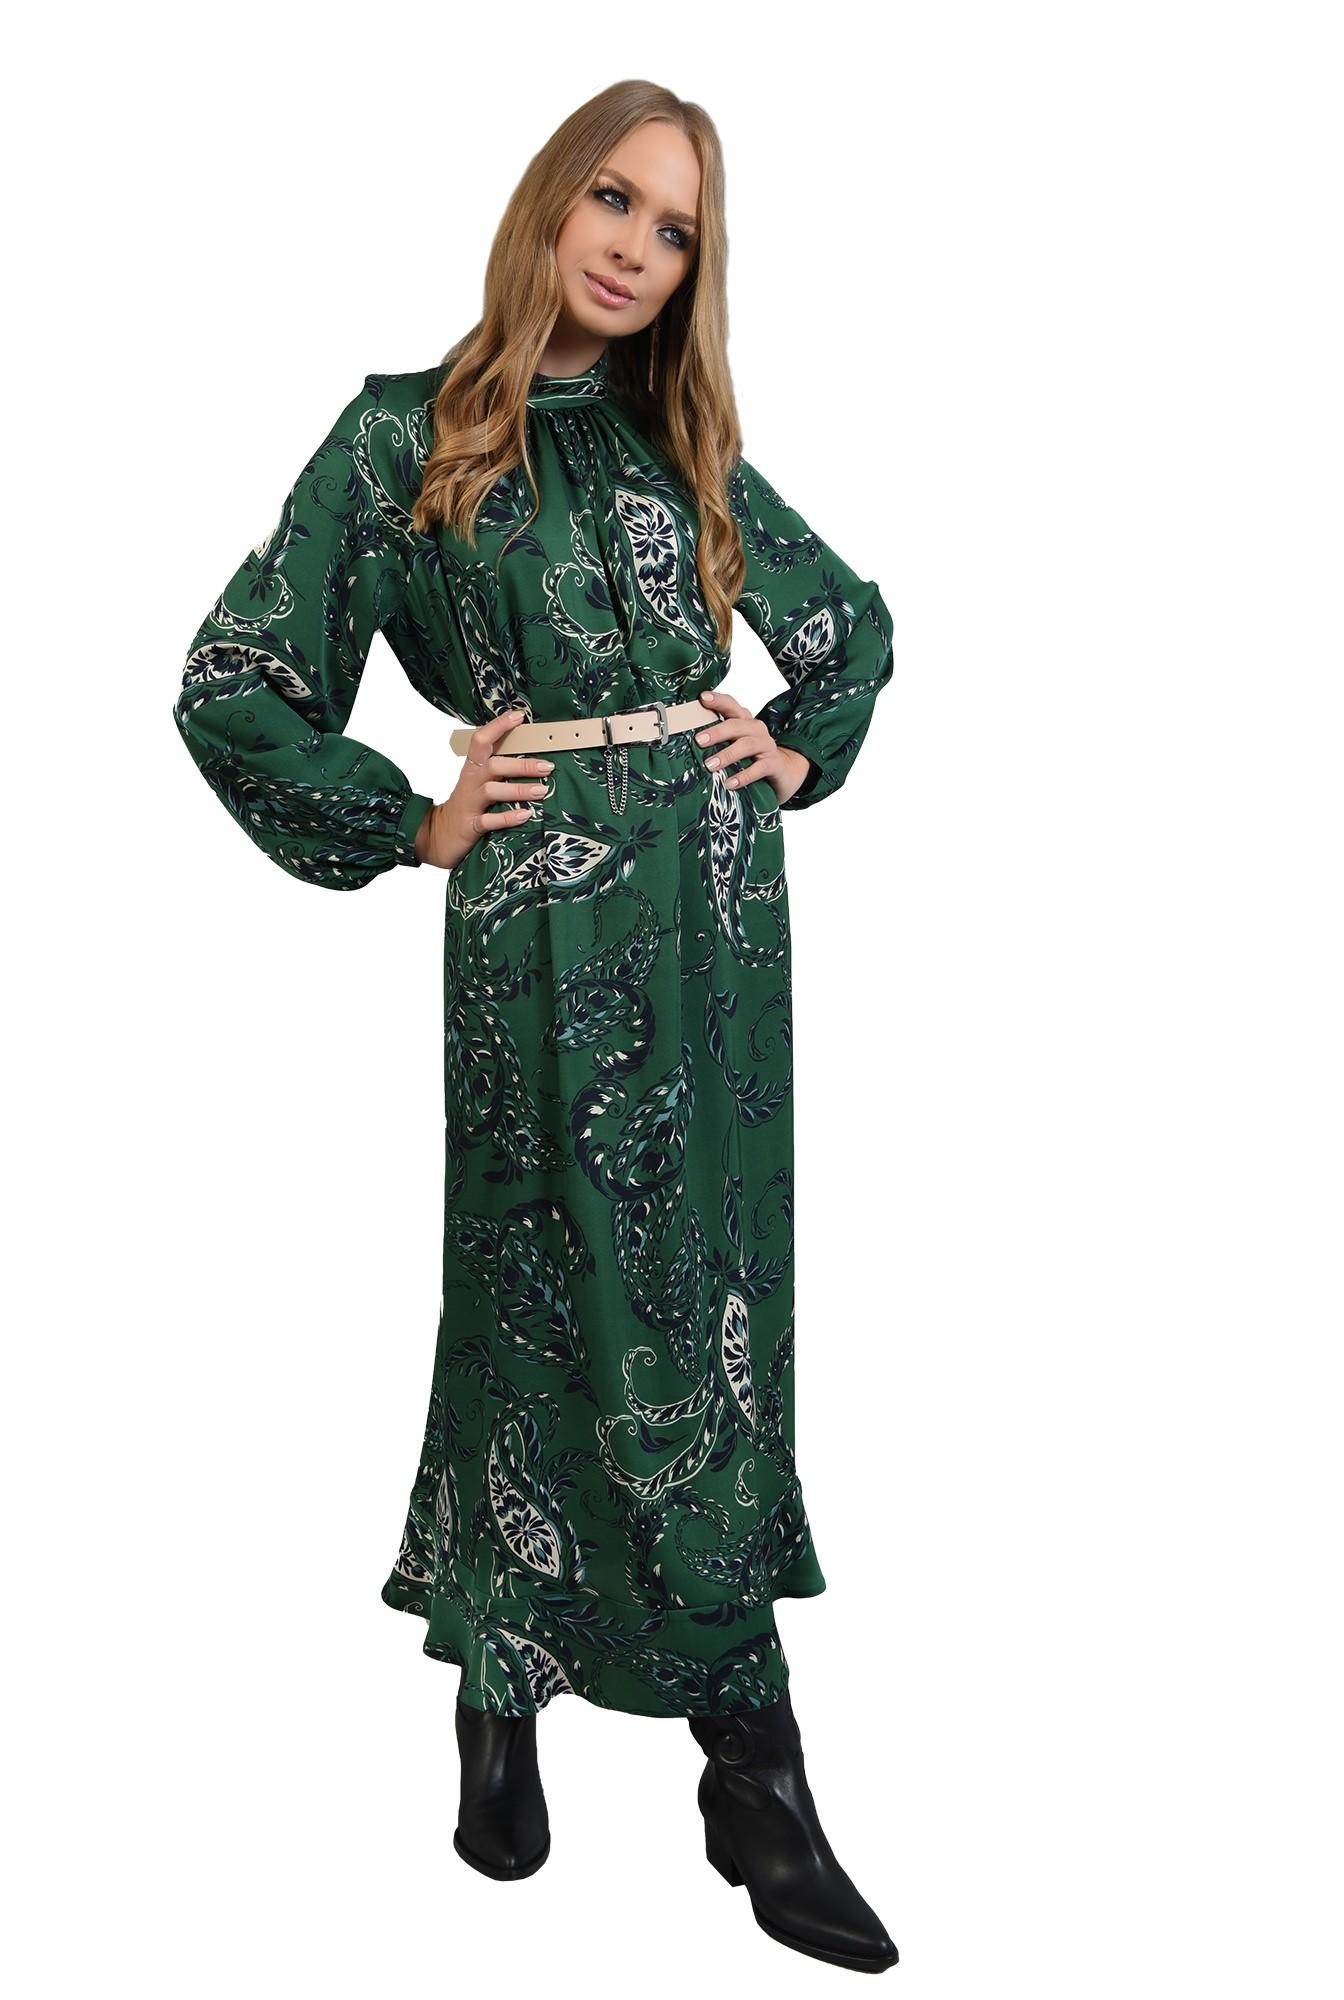 360 - rochie lunga verde, cu imprimeu, Poema